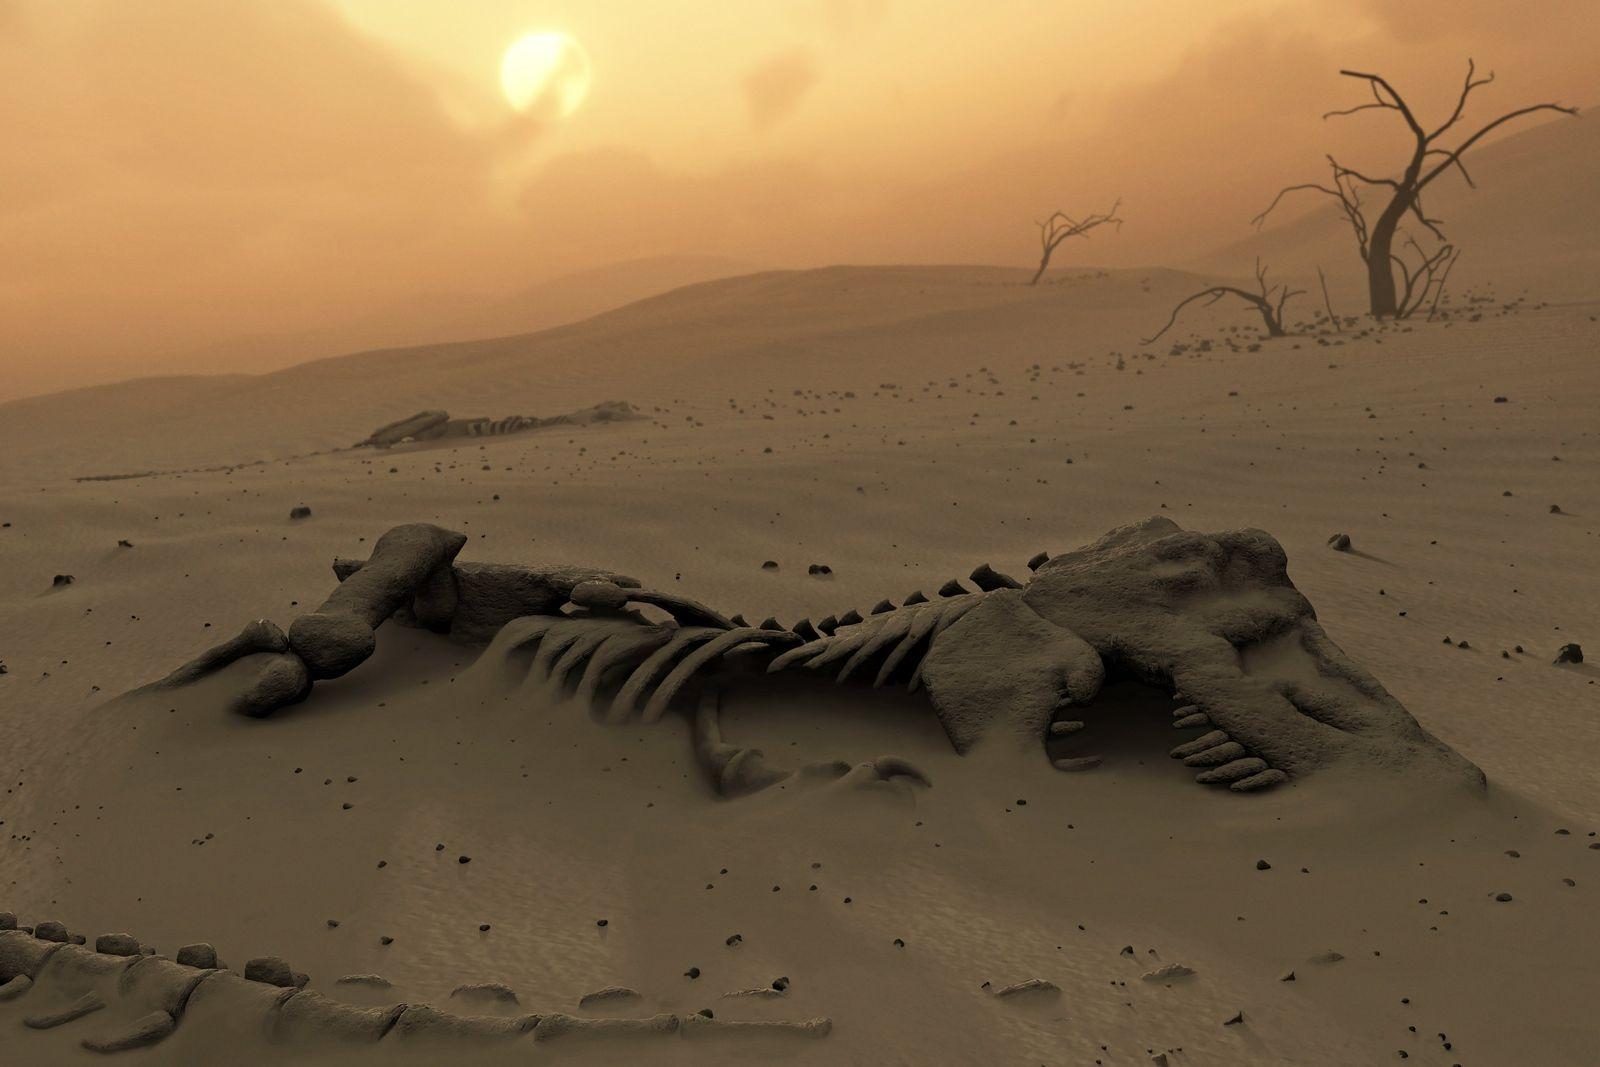 NICHT MEHR VERWENDEN! - SYMBOLBILD Apokalypse / Dürre / Massensterben